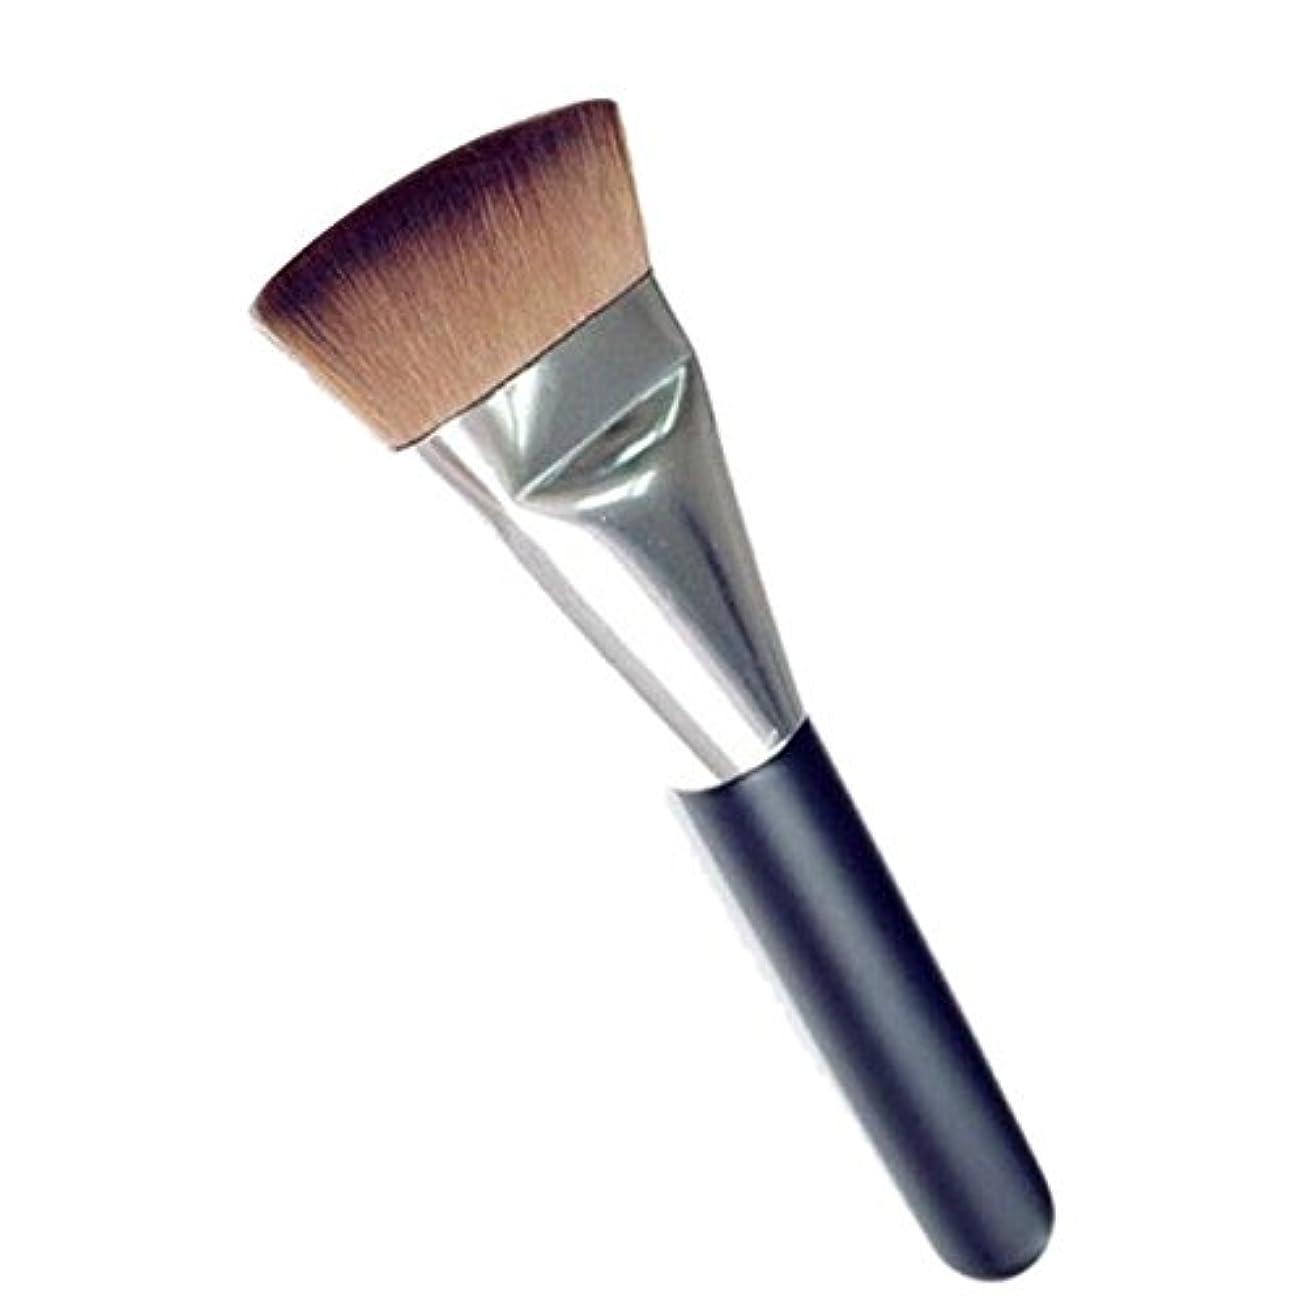 さようなら種リーダーシップ笑え熊 化粧筆 コスメブラシ 化粧ブラシ 多機能メイクブラシケース 扇形 ハイライト 毛質ふわふわ 激安 オススメ (ブラック4)